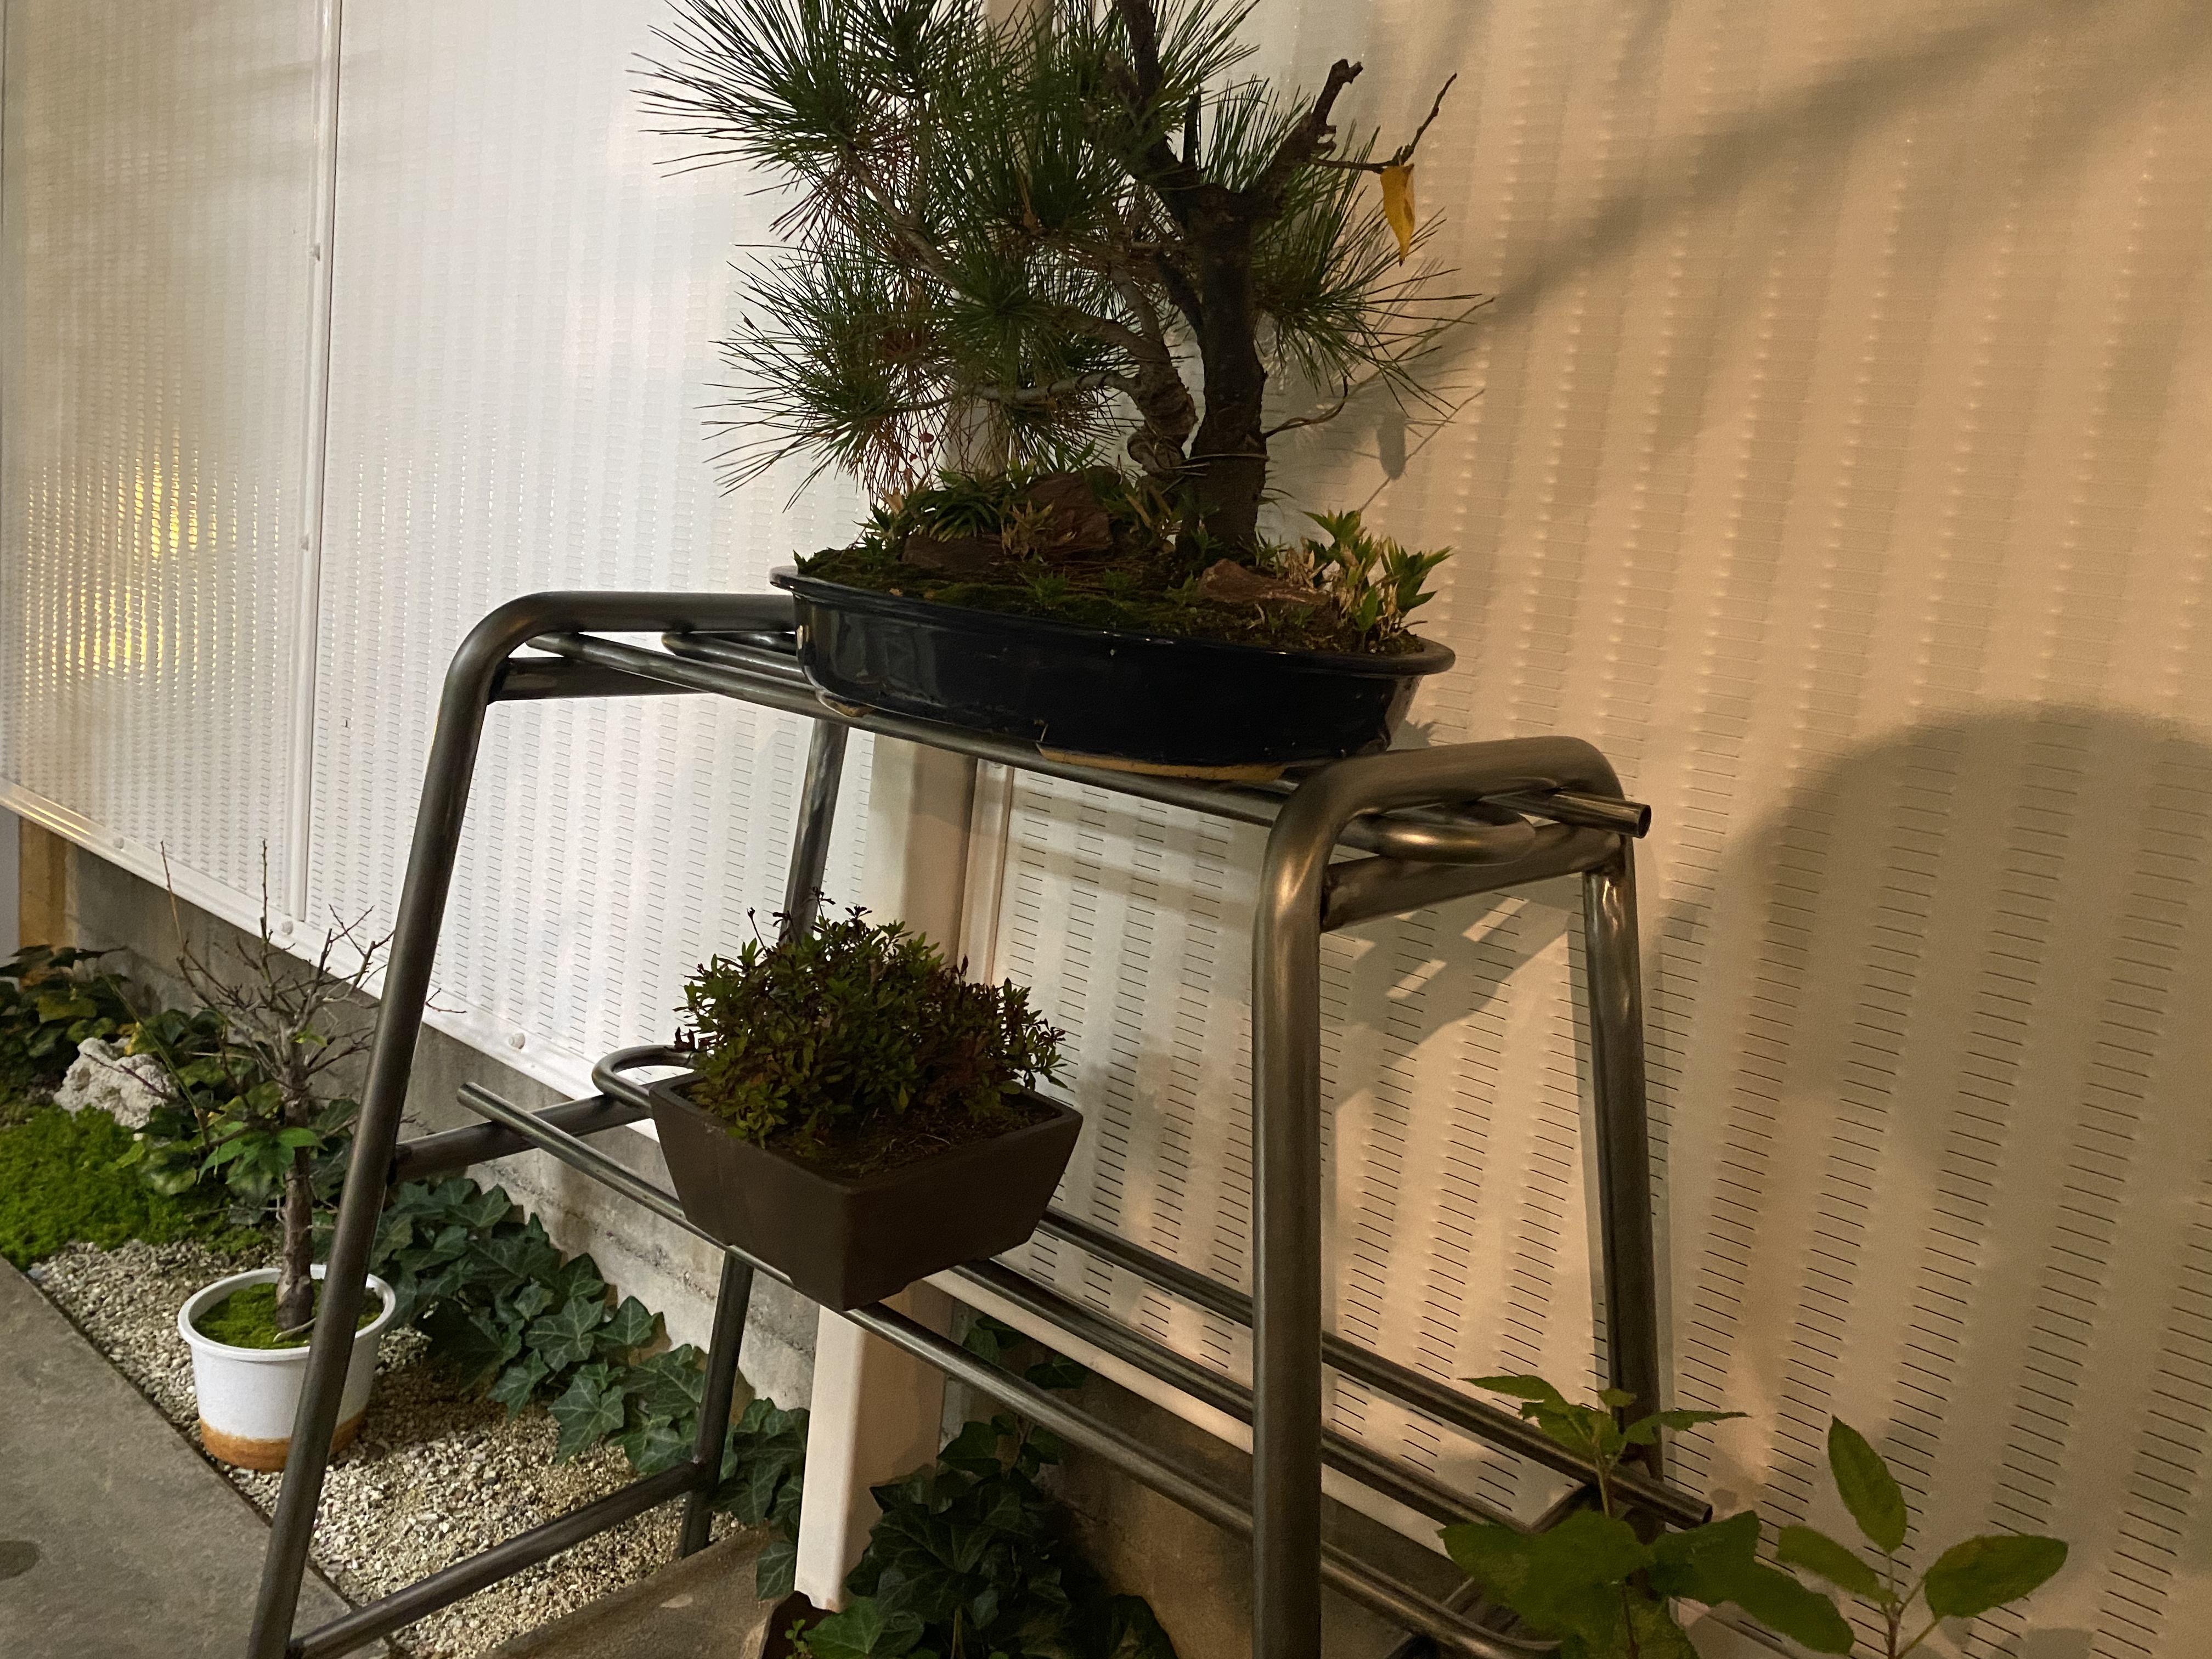 ガーデニング おしゃれなオリジナル盆栽棚